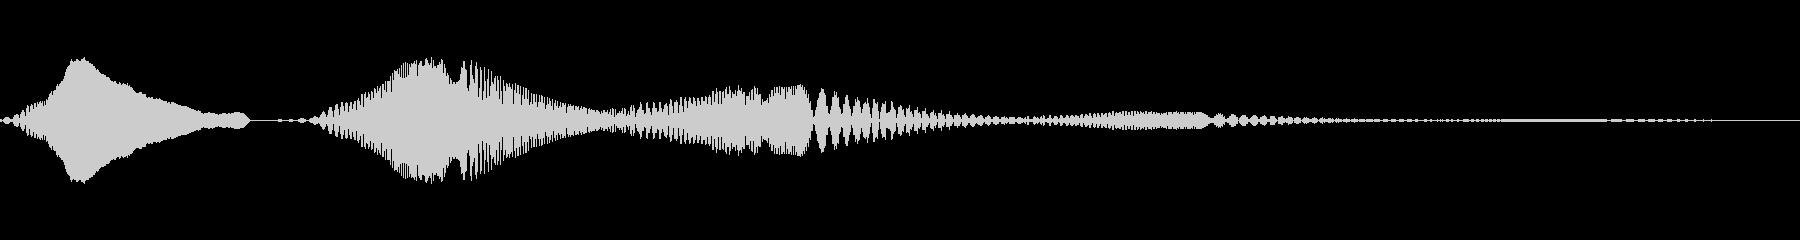 ポワッとしたかわいい音です。の未再生の波形